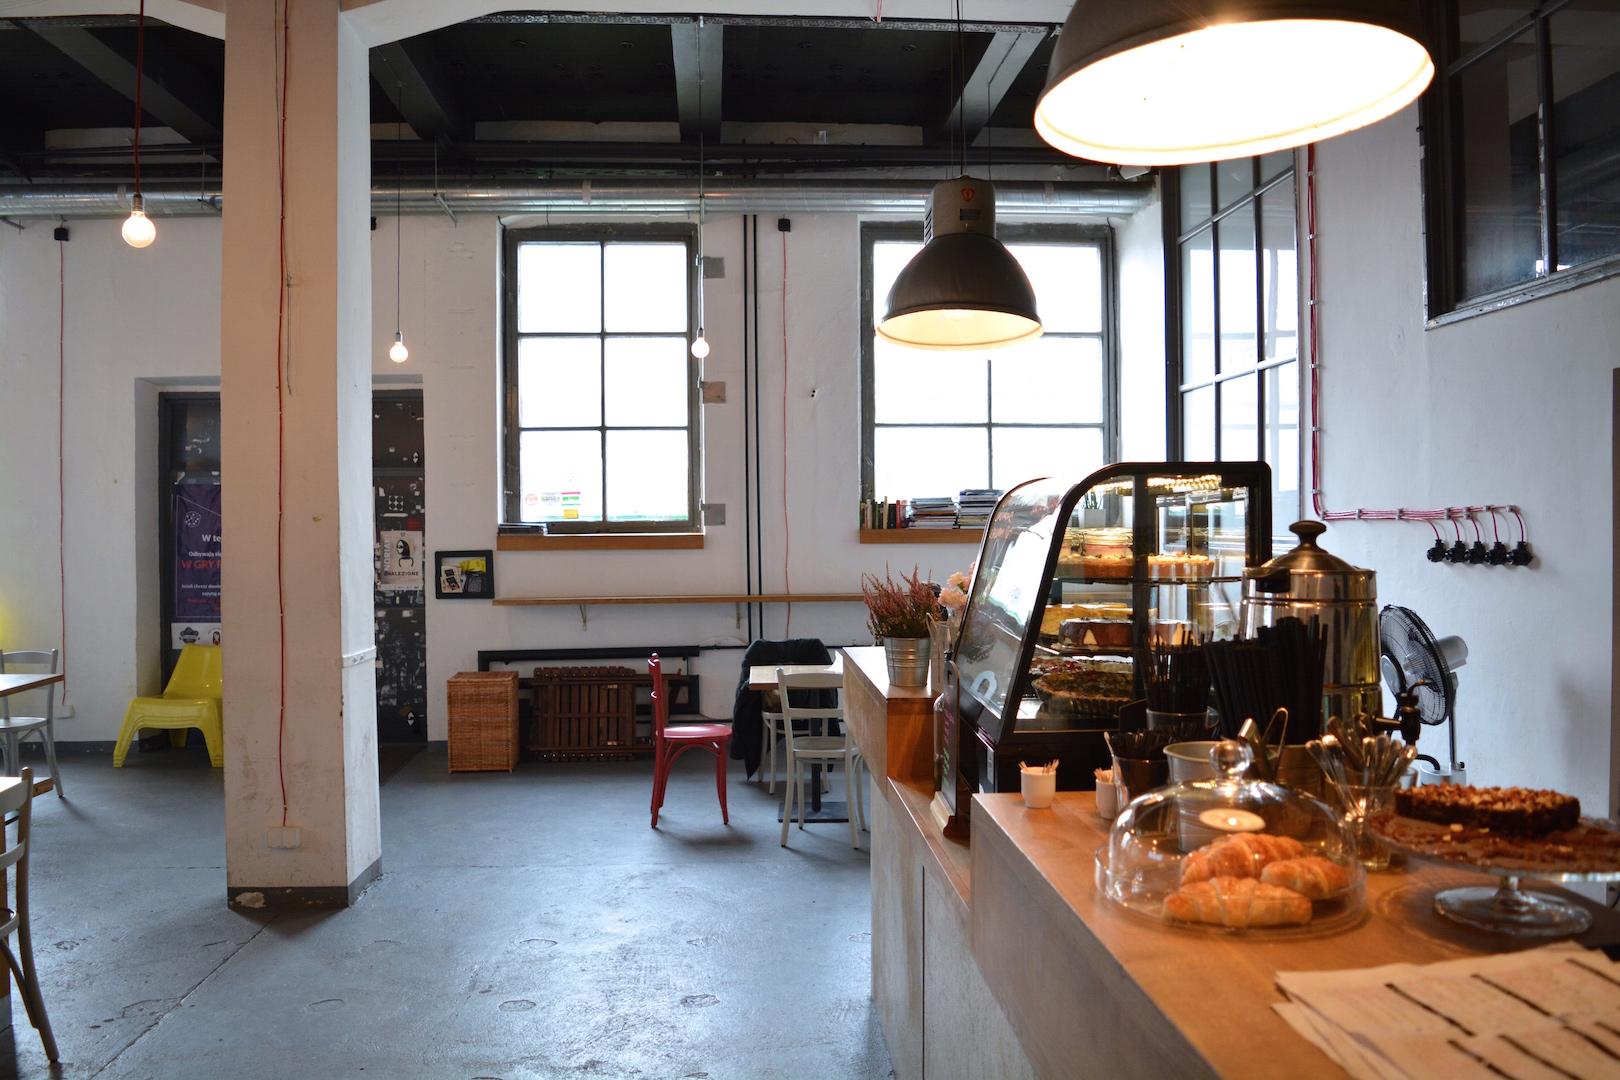 5 najlepszych miejsc na śniadanie w krakowie, gdzie jeść w krakowie, śniadanie kraków, bal, zabłocie